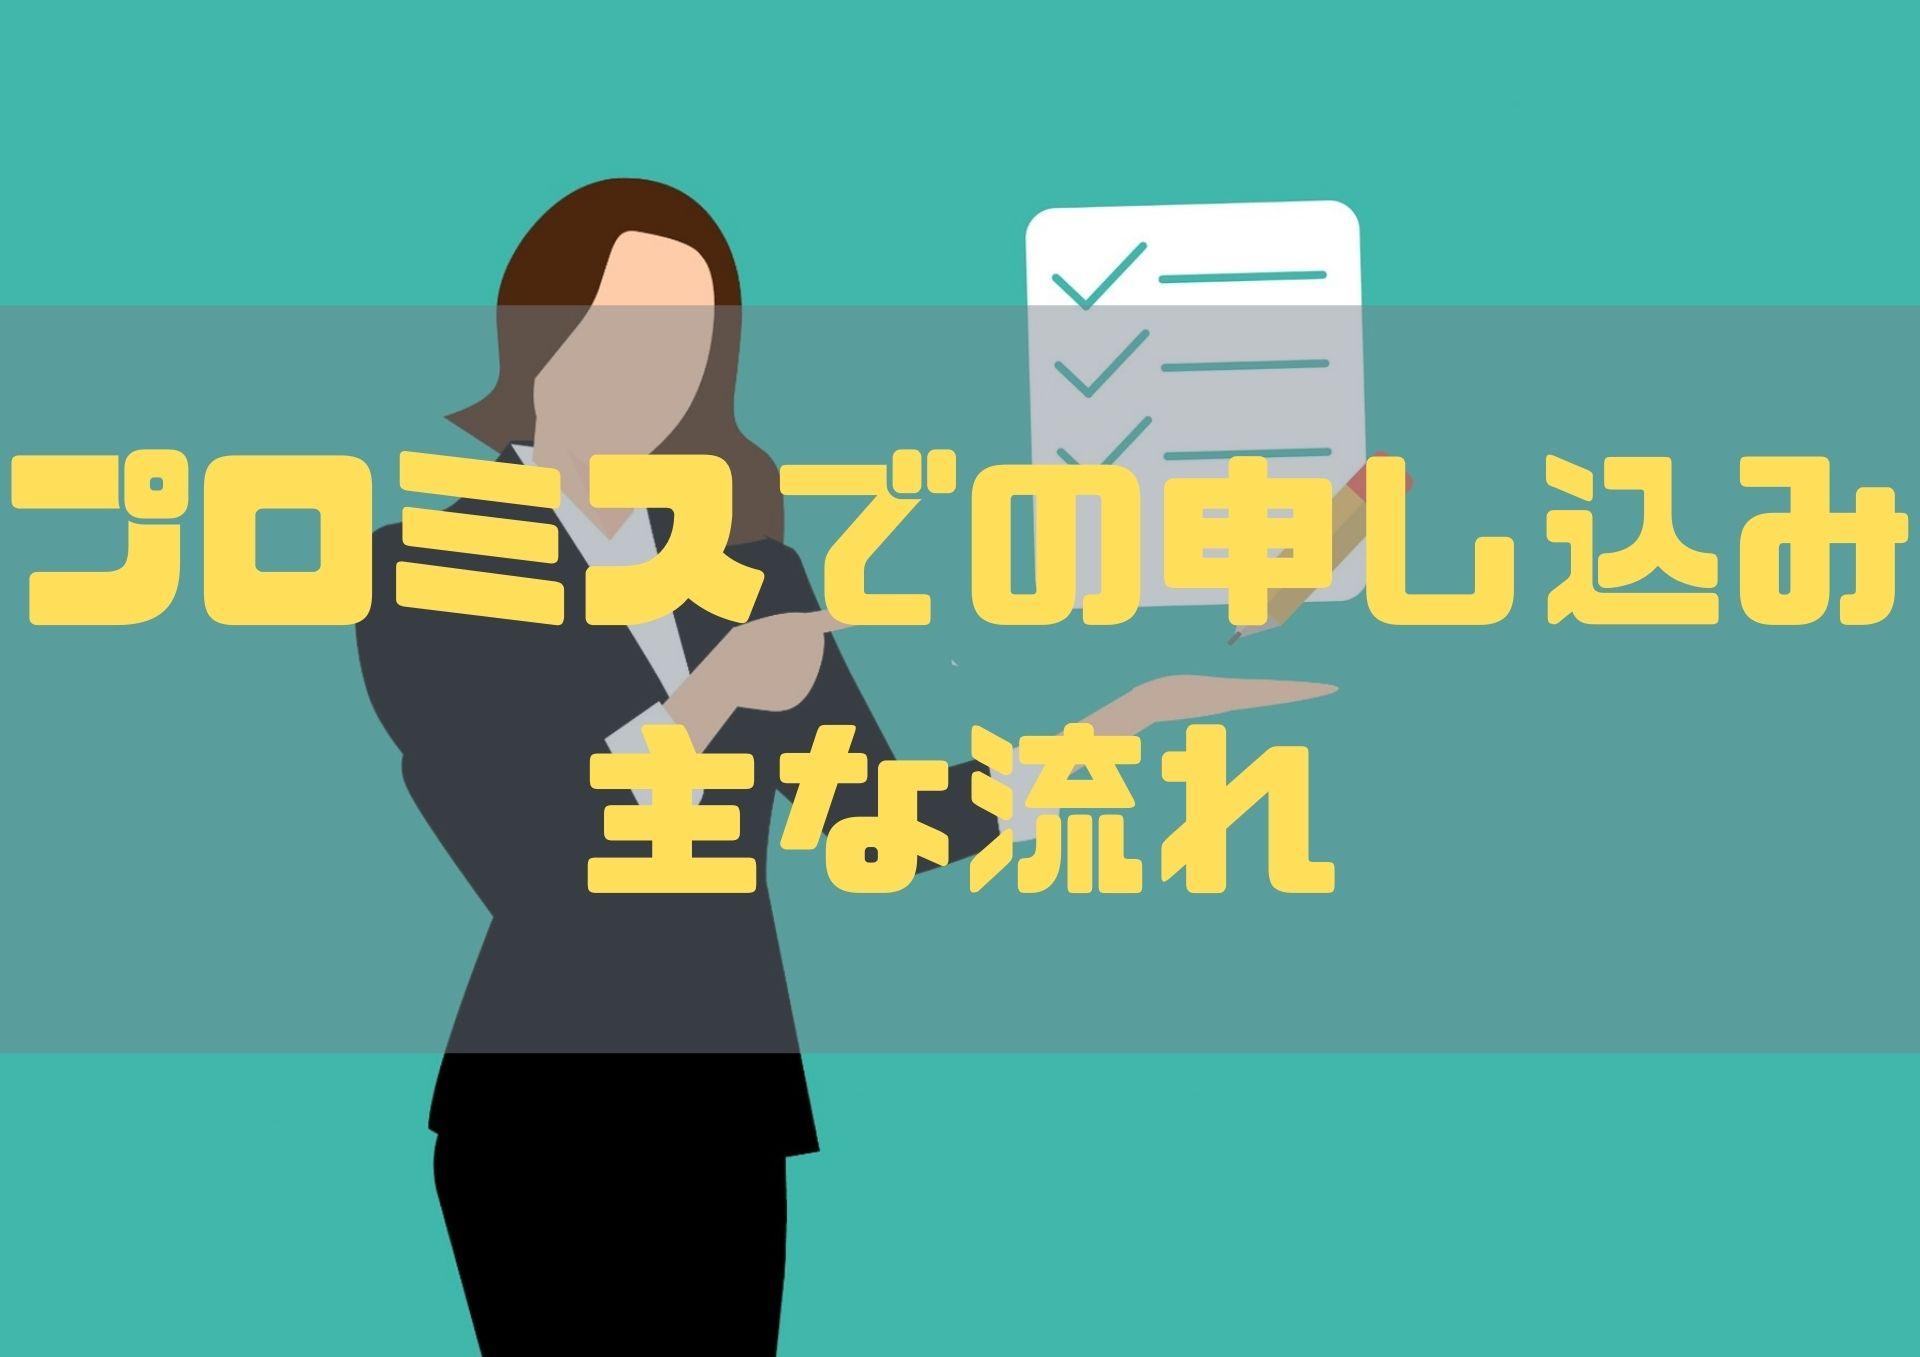 プロミス_流れ